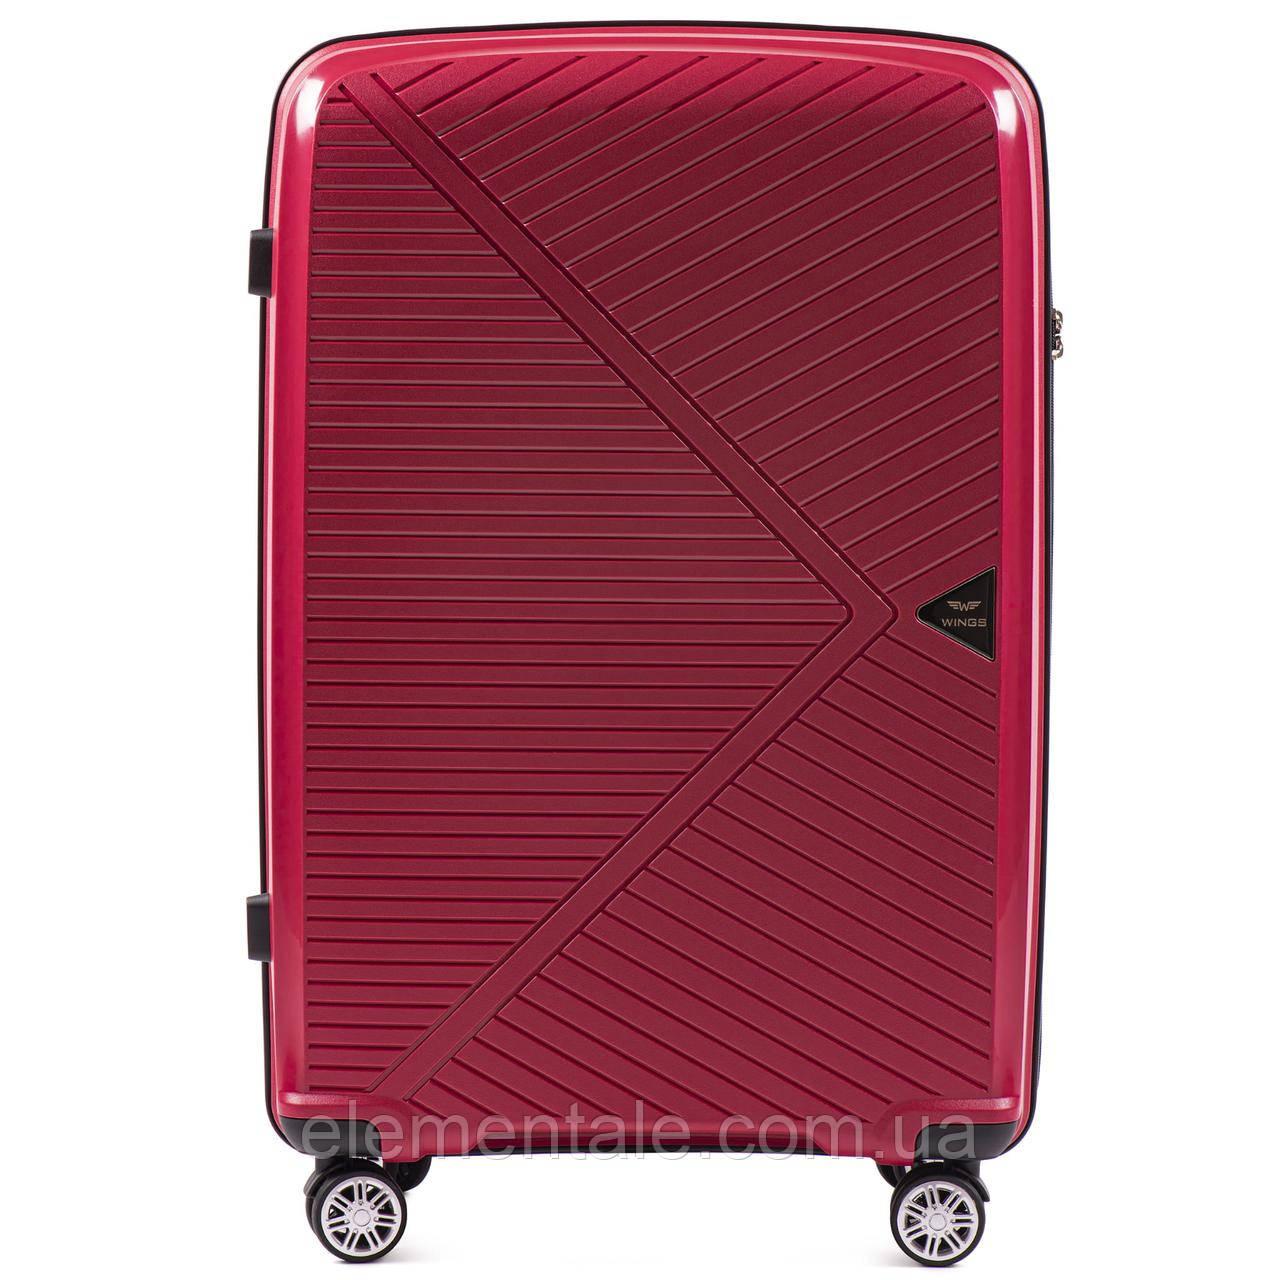 Пластиковий Чемодан середній на колесах для подорожей дорожній Wings MALLARD Червоний